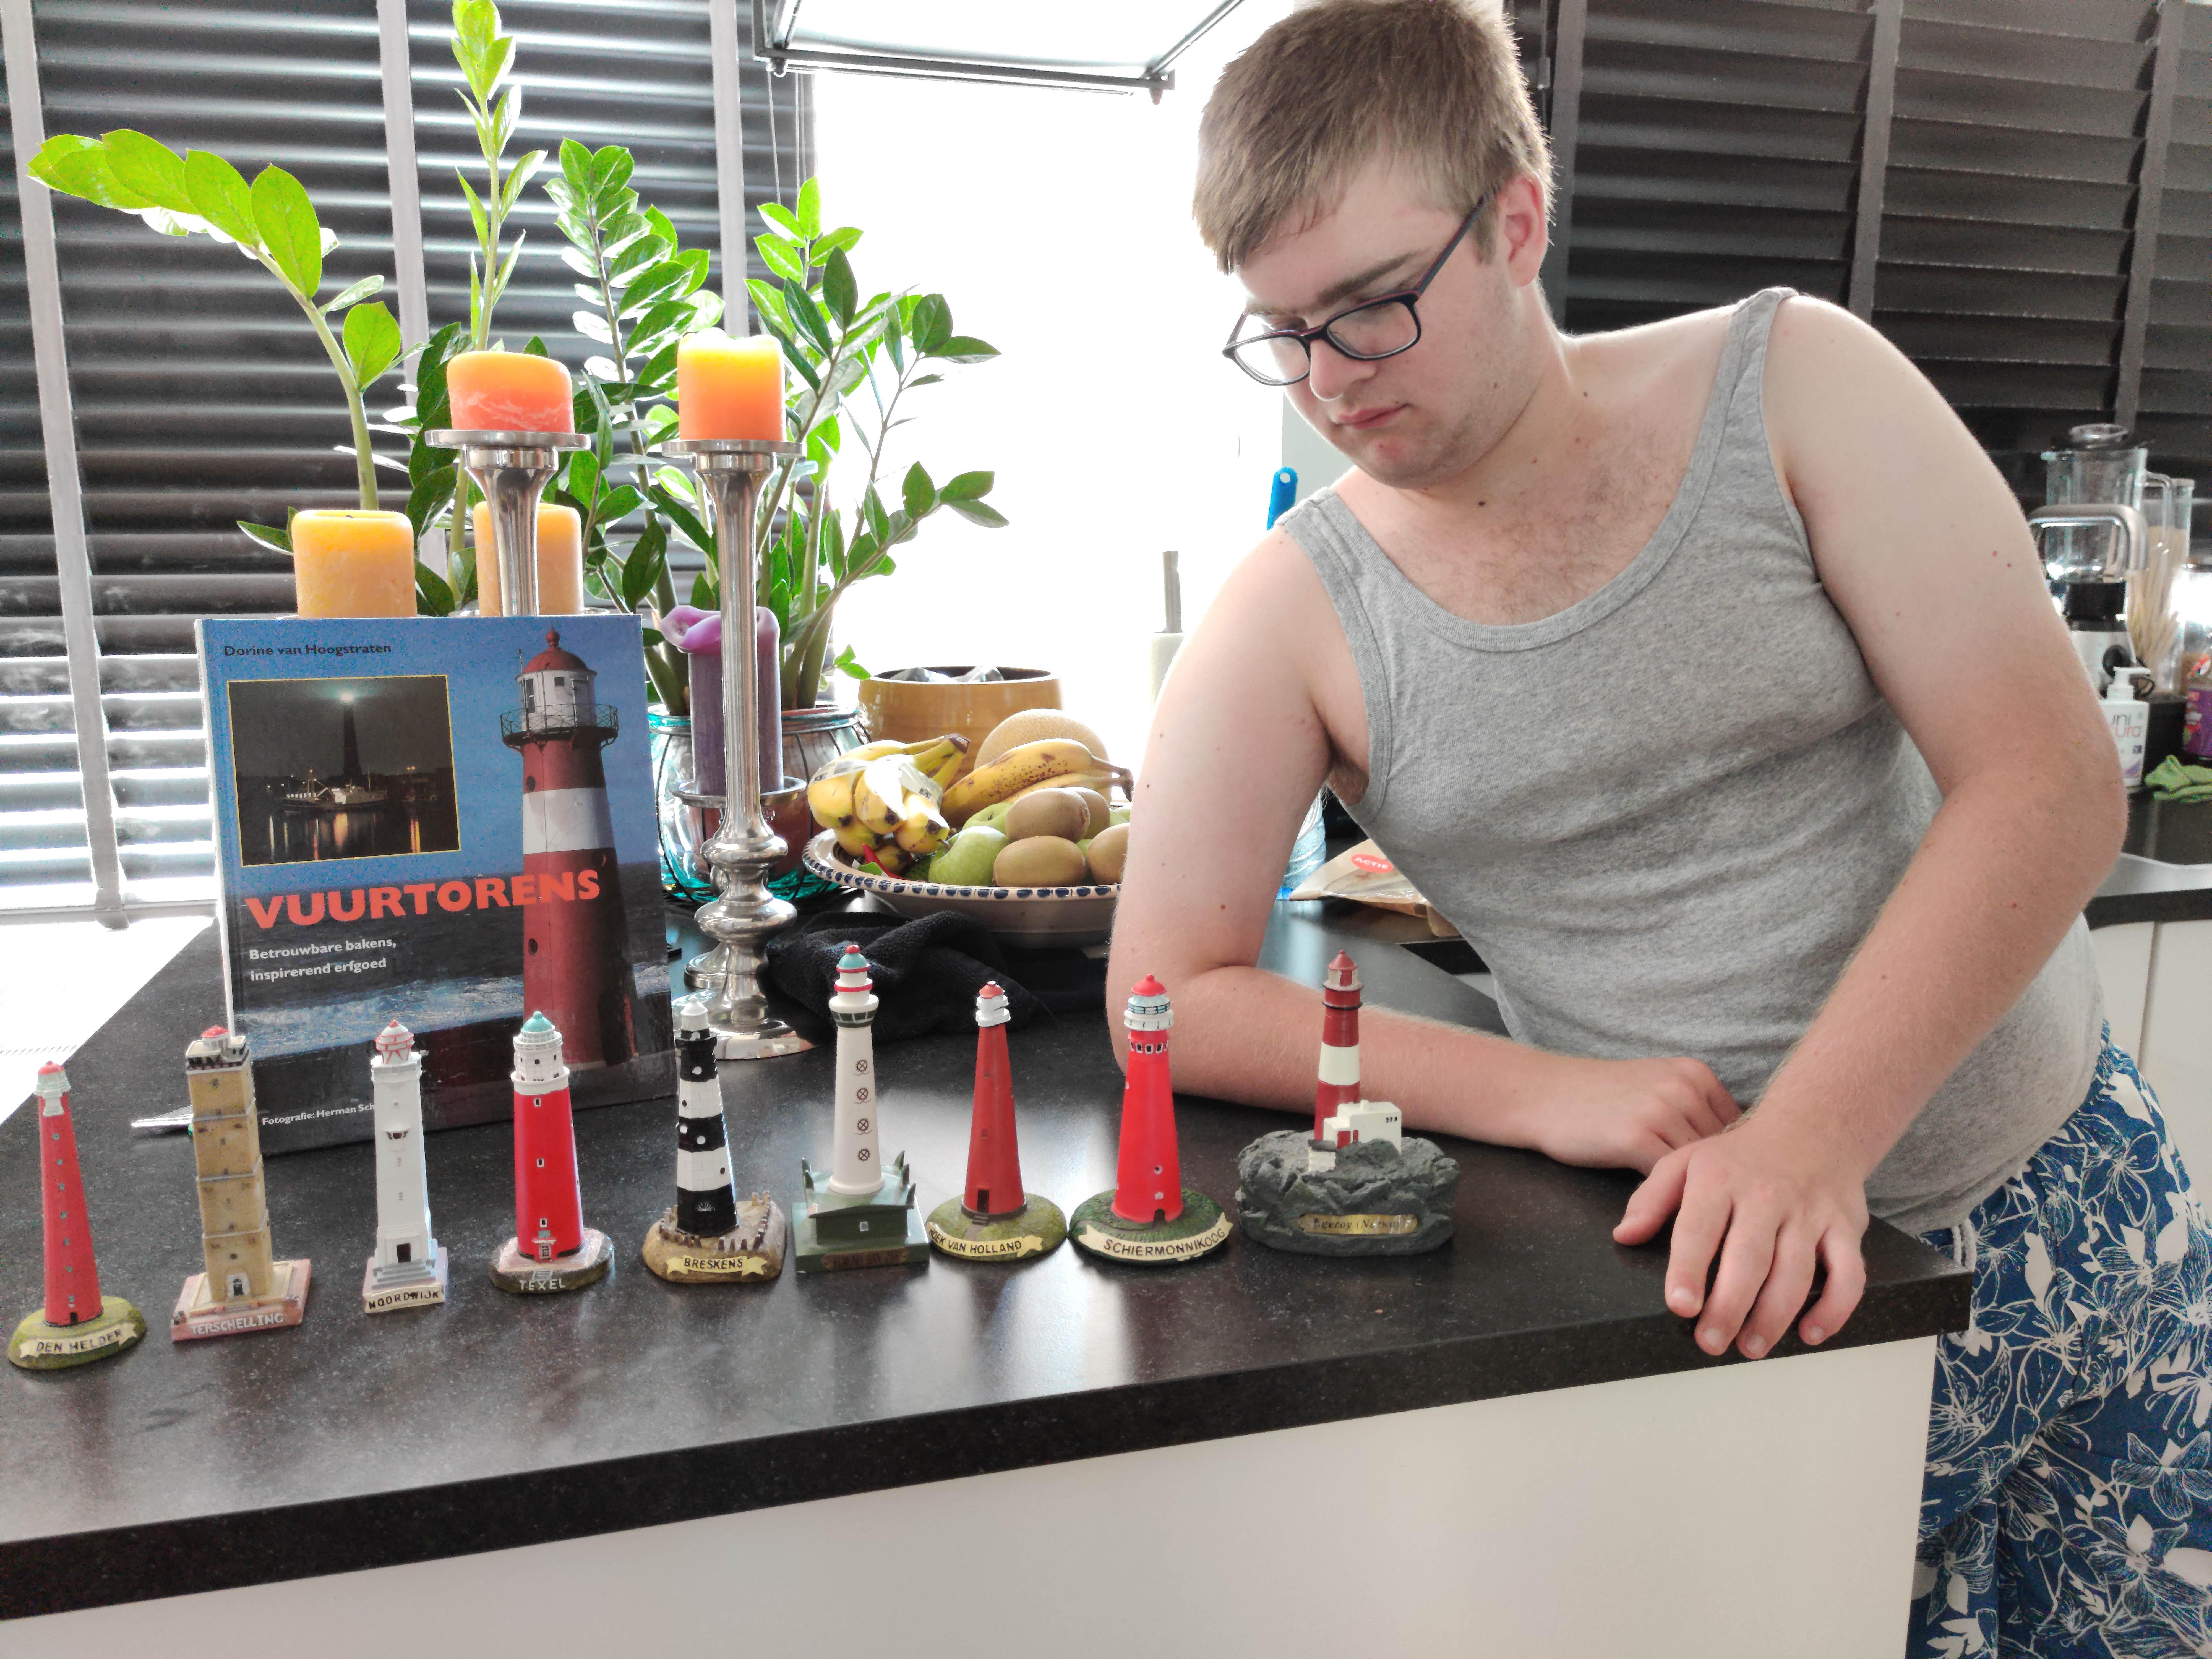 Autistische Joep herkent iedere vuurtoren; zijn broers maken hem blij met ingezamelde miniaturen